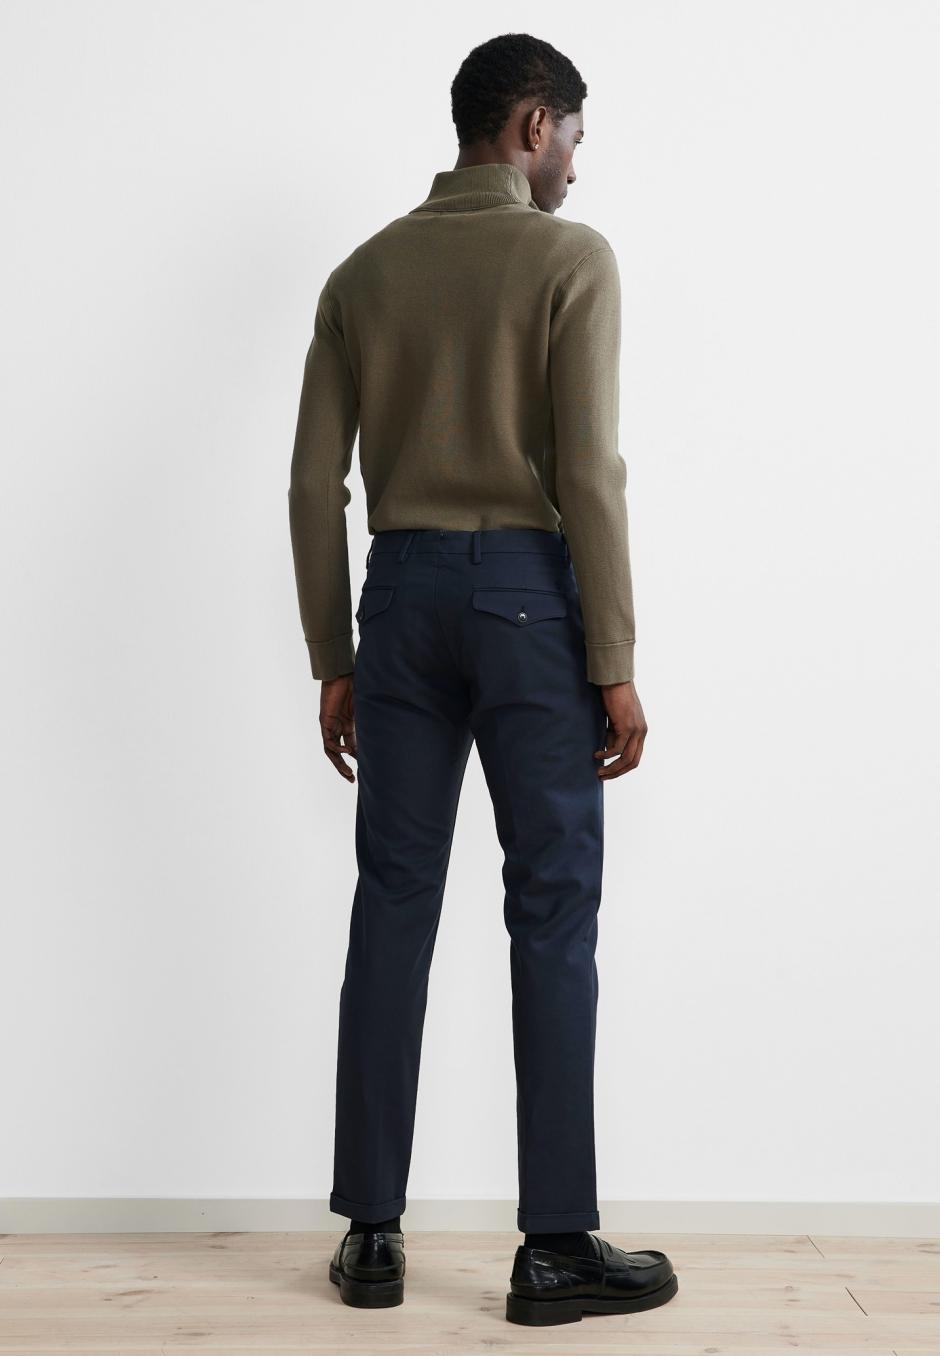 NN07 Scott 1386 Regular Cotton Trouser Navy Blue